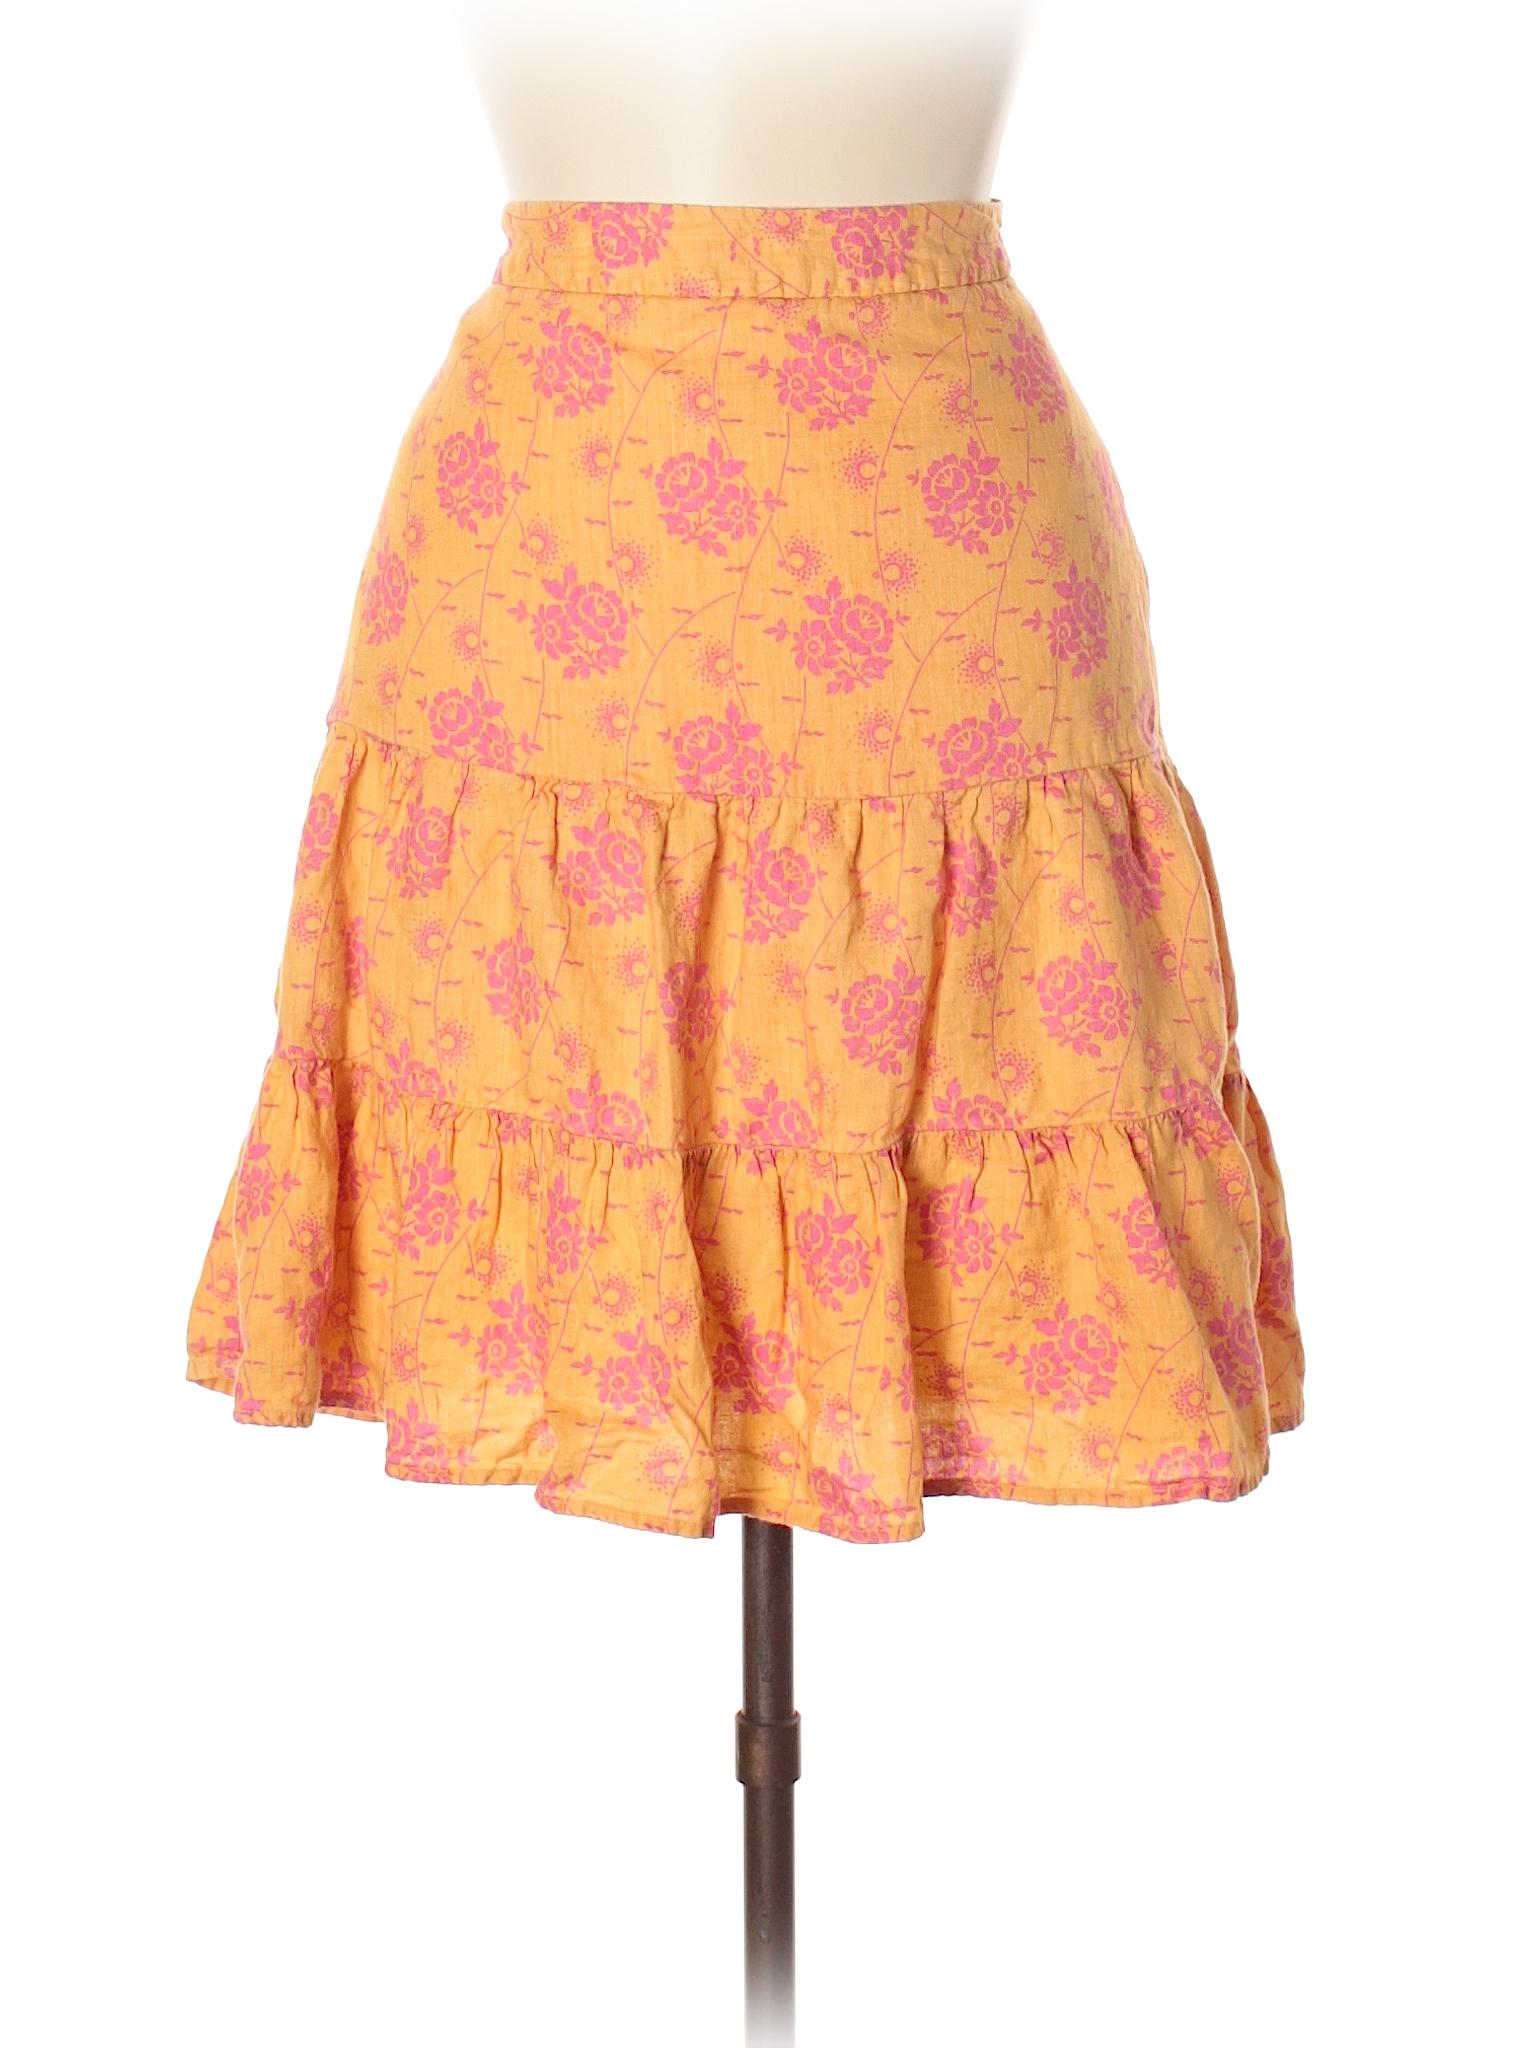 Boutique Boutique leisure Gap leisure Gap Skirt Casual qrBvq